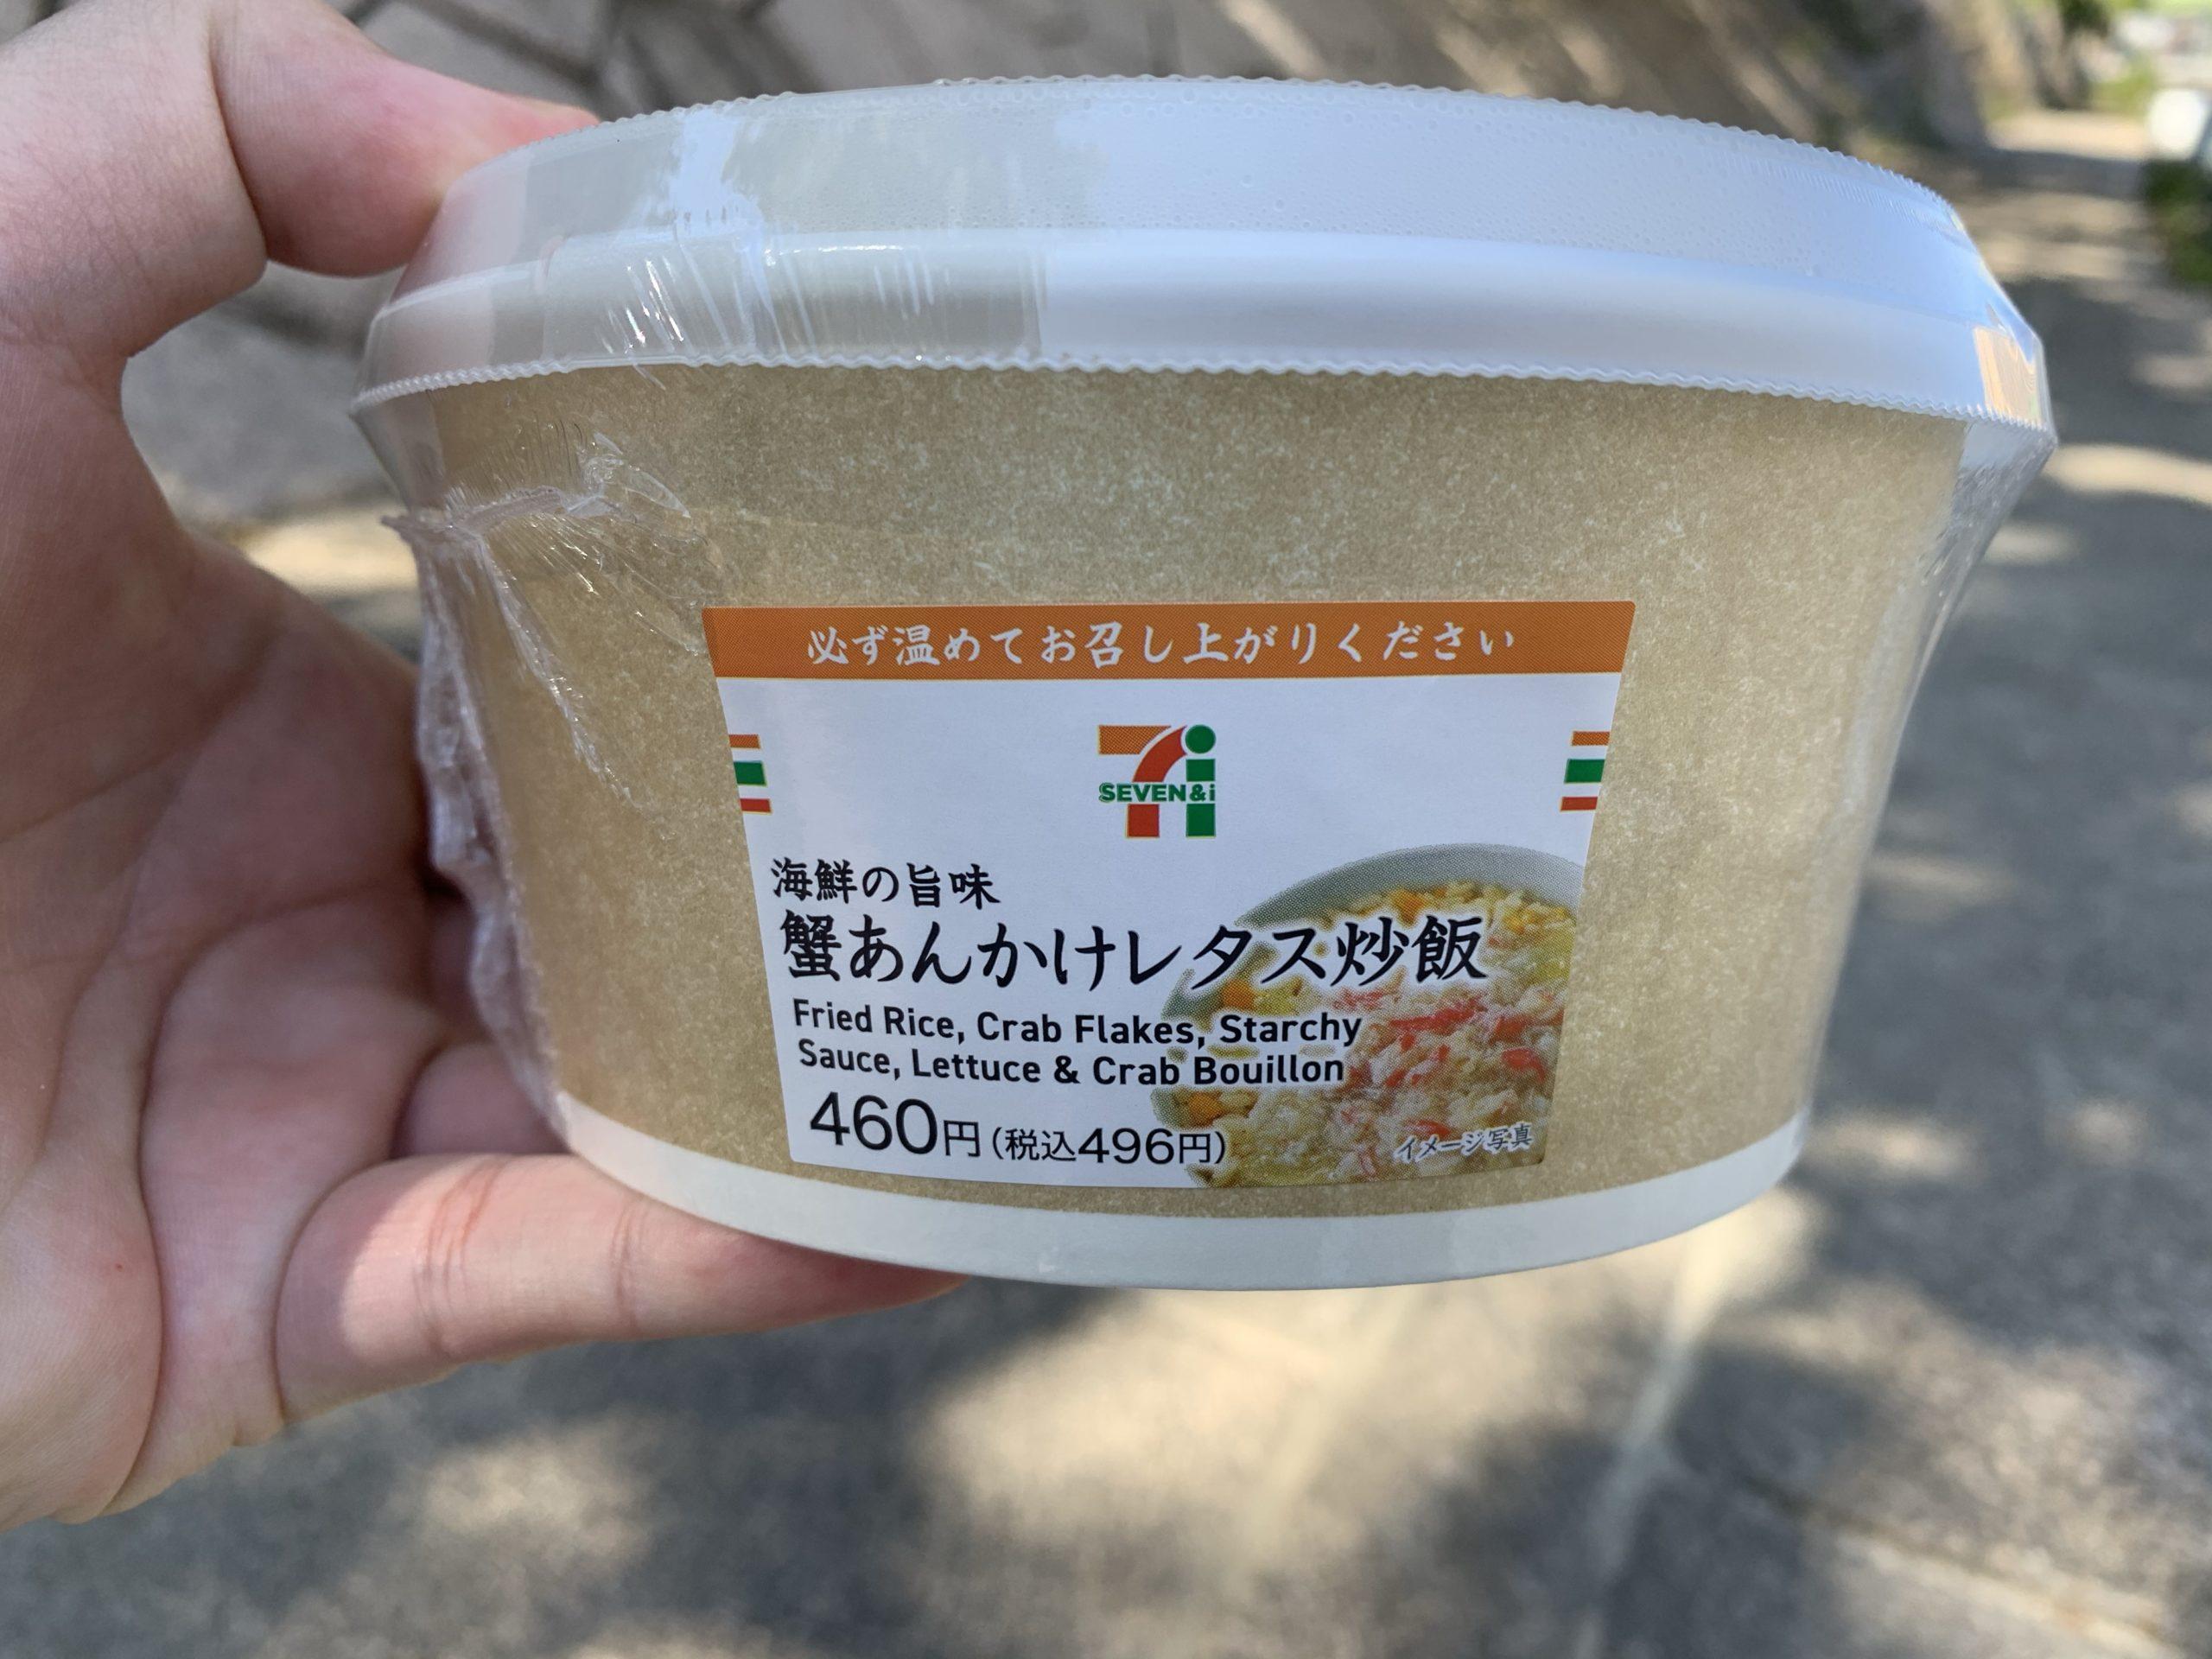 蟹あんかけレタス炒飯の説明